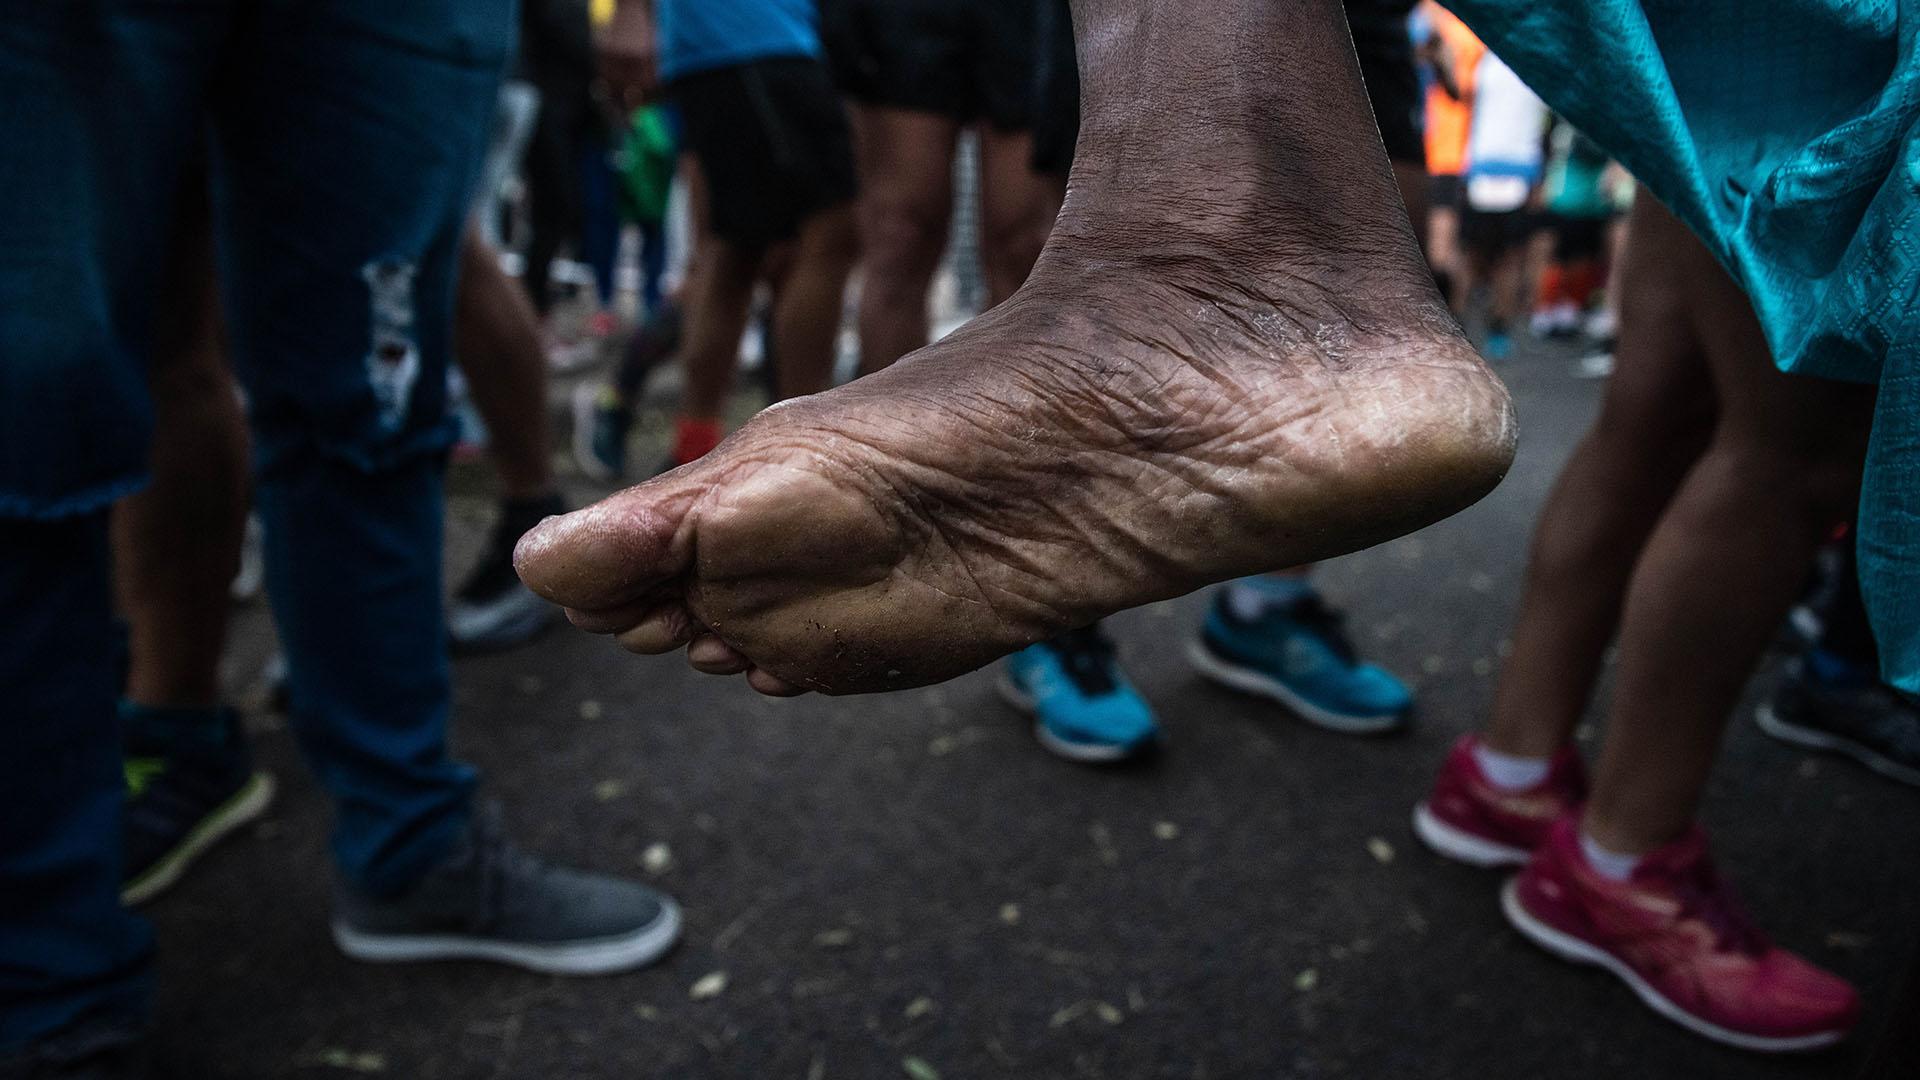 Las marcas de un particular corredor que participó de la maratón con los pies descalzos